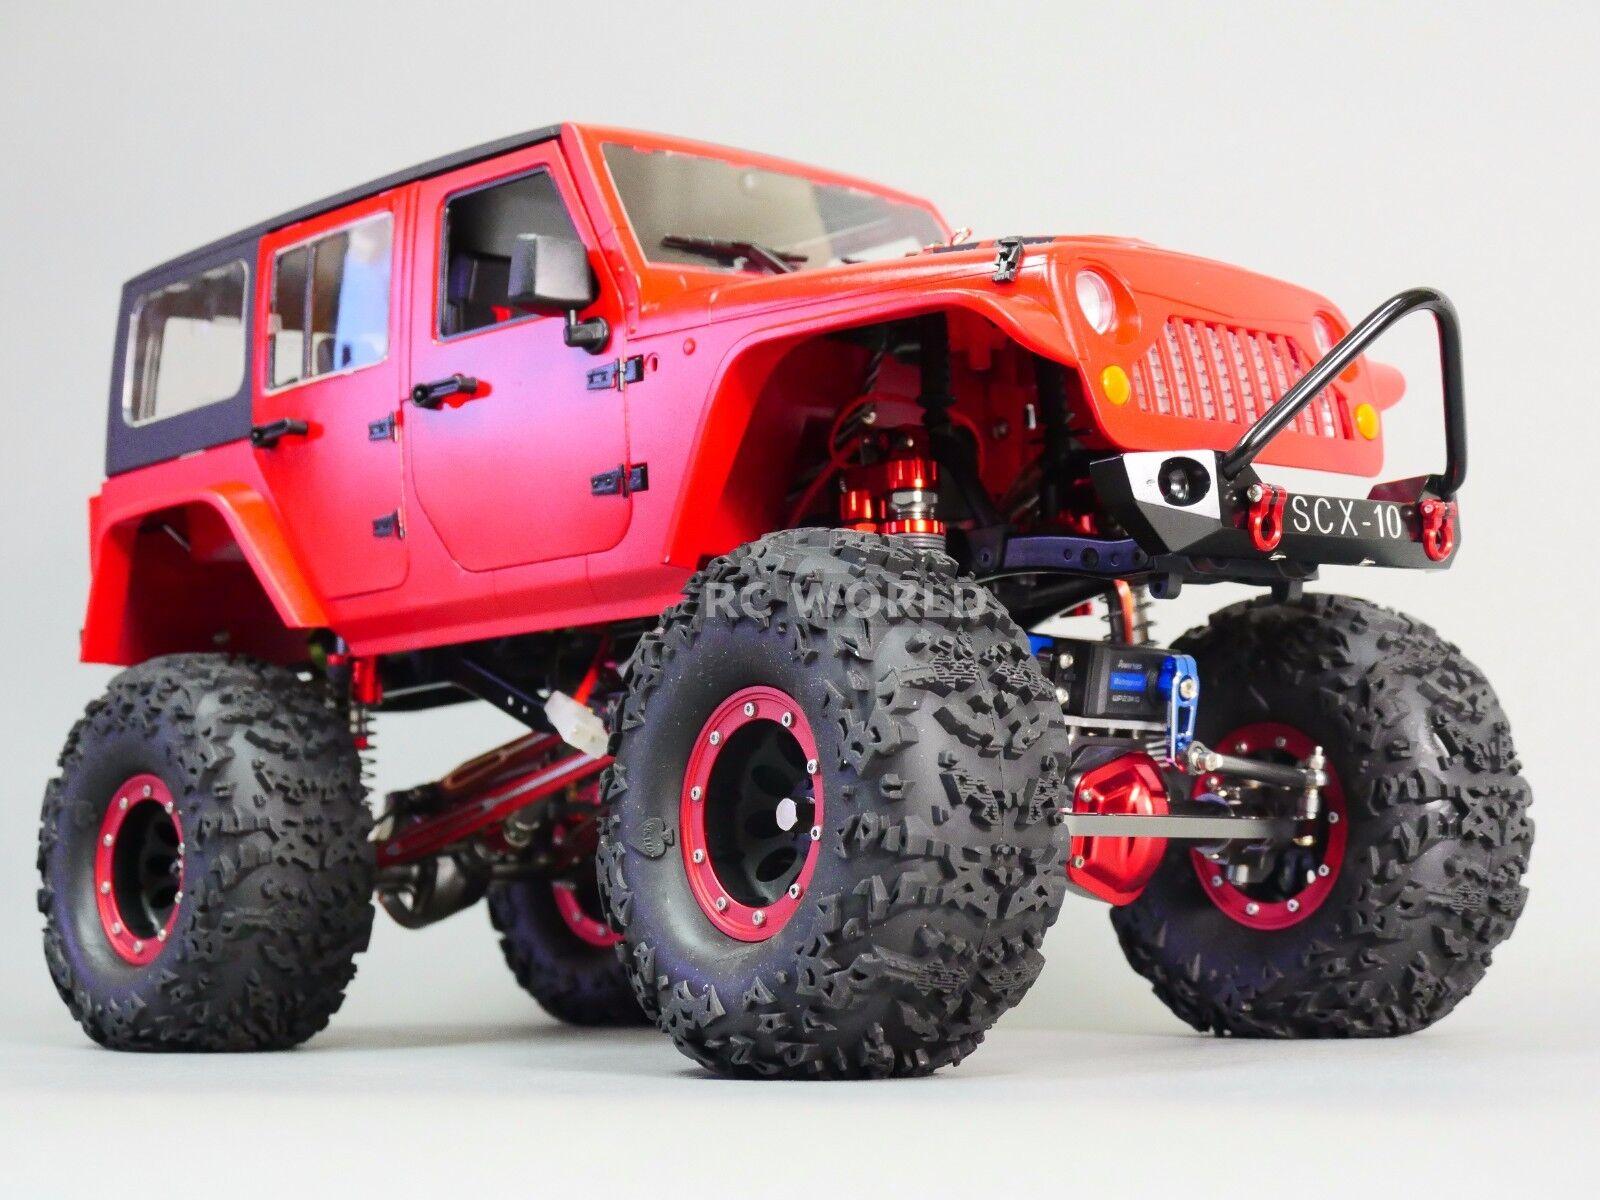 Escala RC Truck Body Shell 1 10 Jeep Wrangler Rubicon duro cuerpo + Metal Jaula De Techo